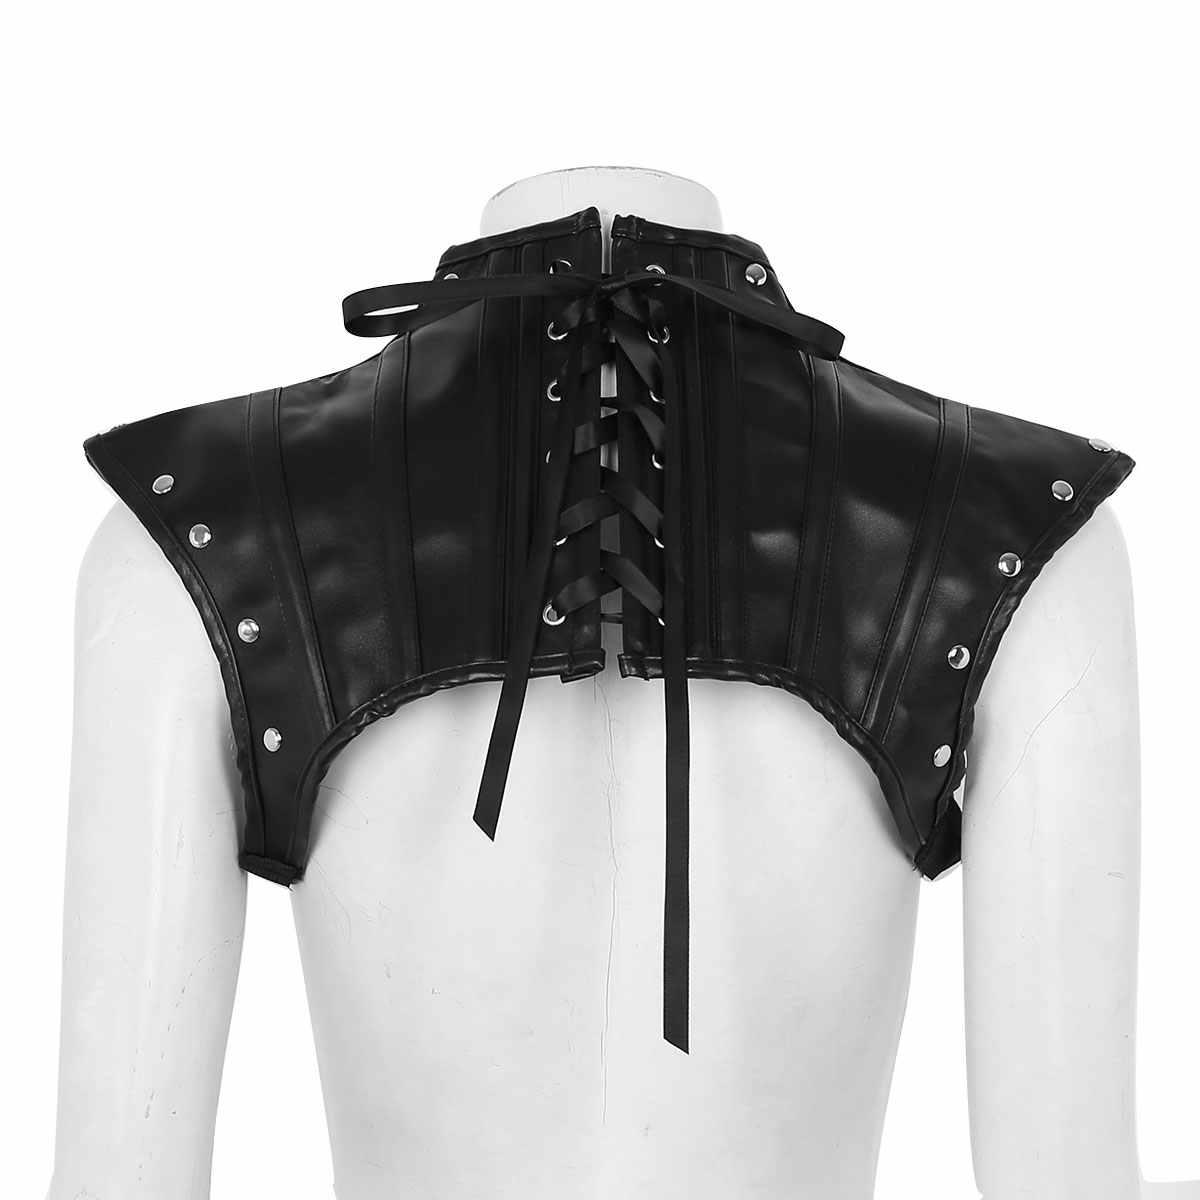 Сексуальные топы для женщин Клубная одежда для женщин s из искусственной кожи жгут сзади кружево на плечо Грудь Жгут рубашка Клубная одежда костюм половина майка